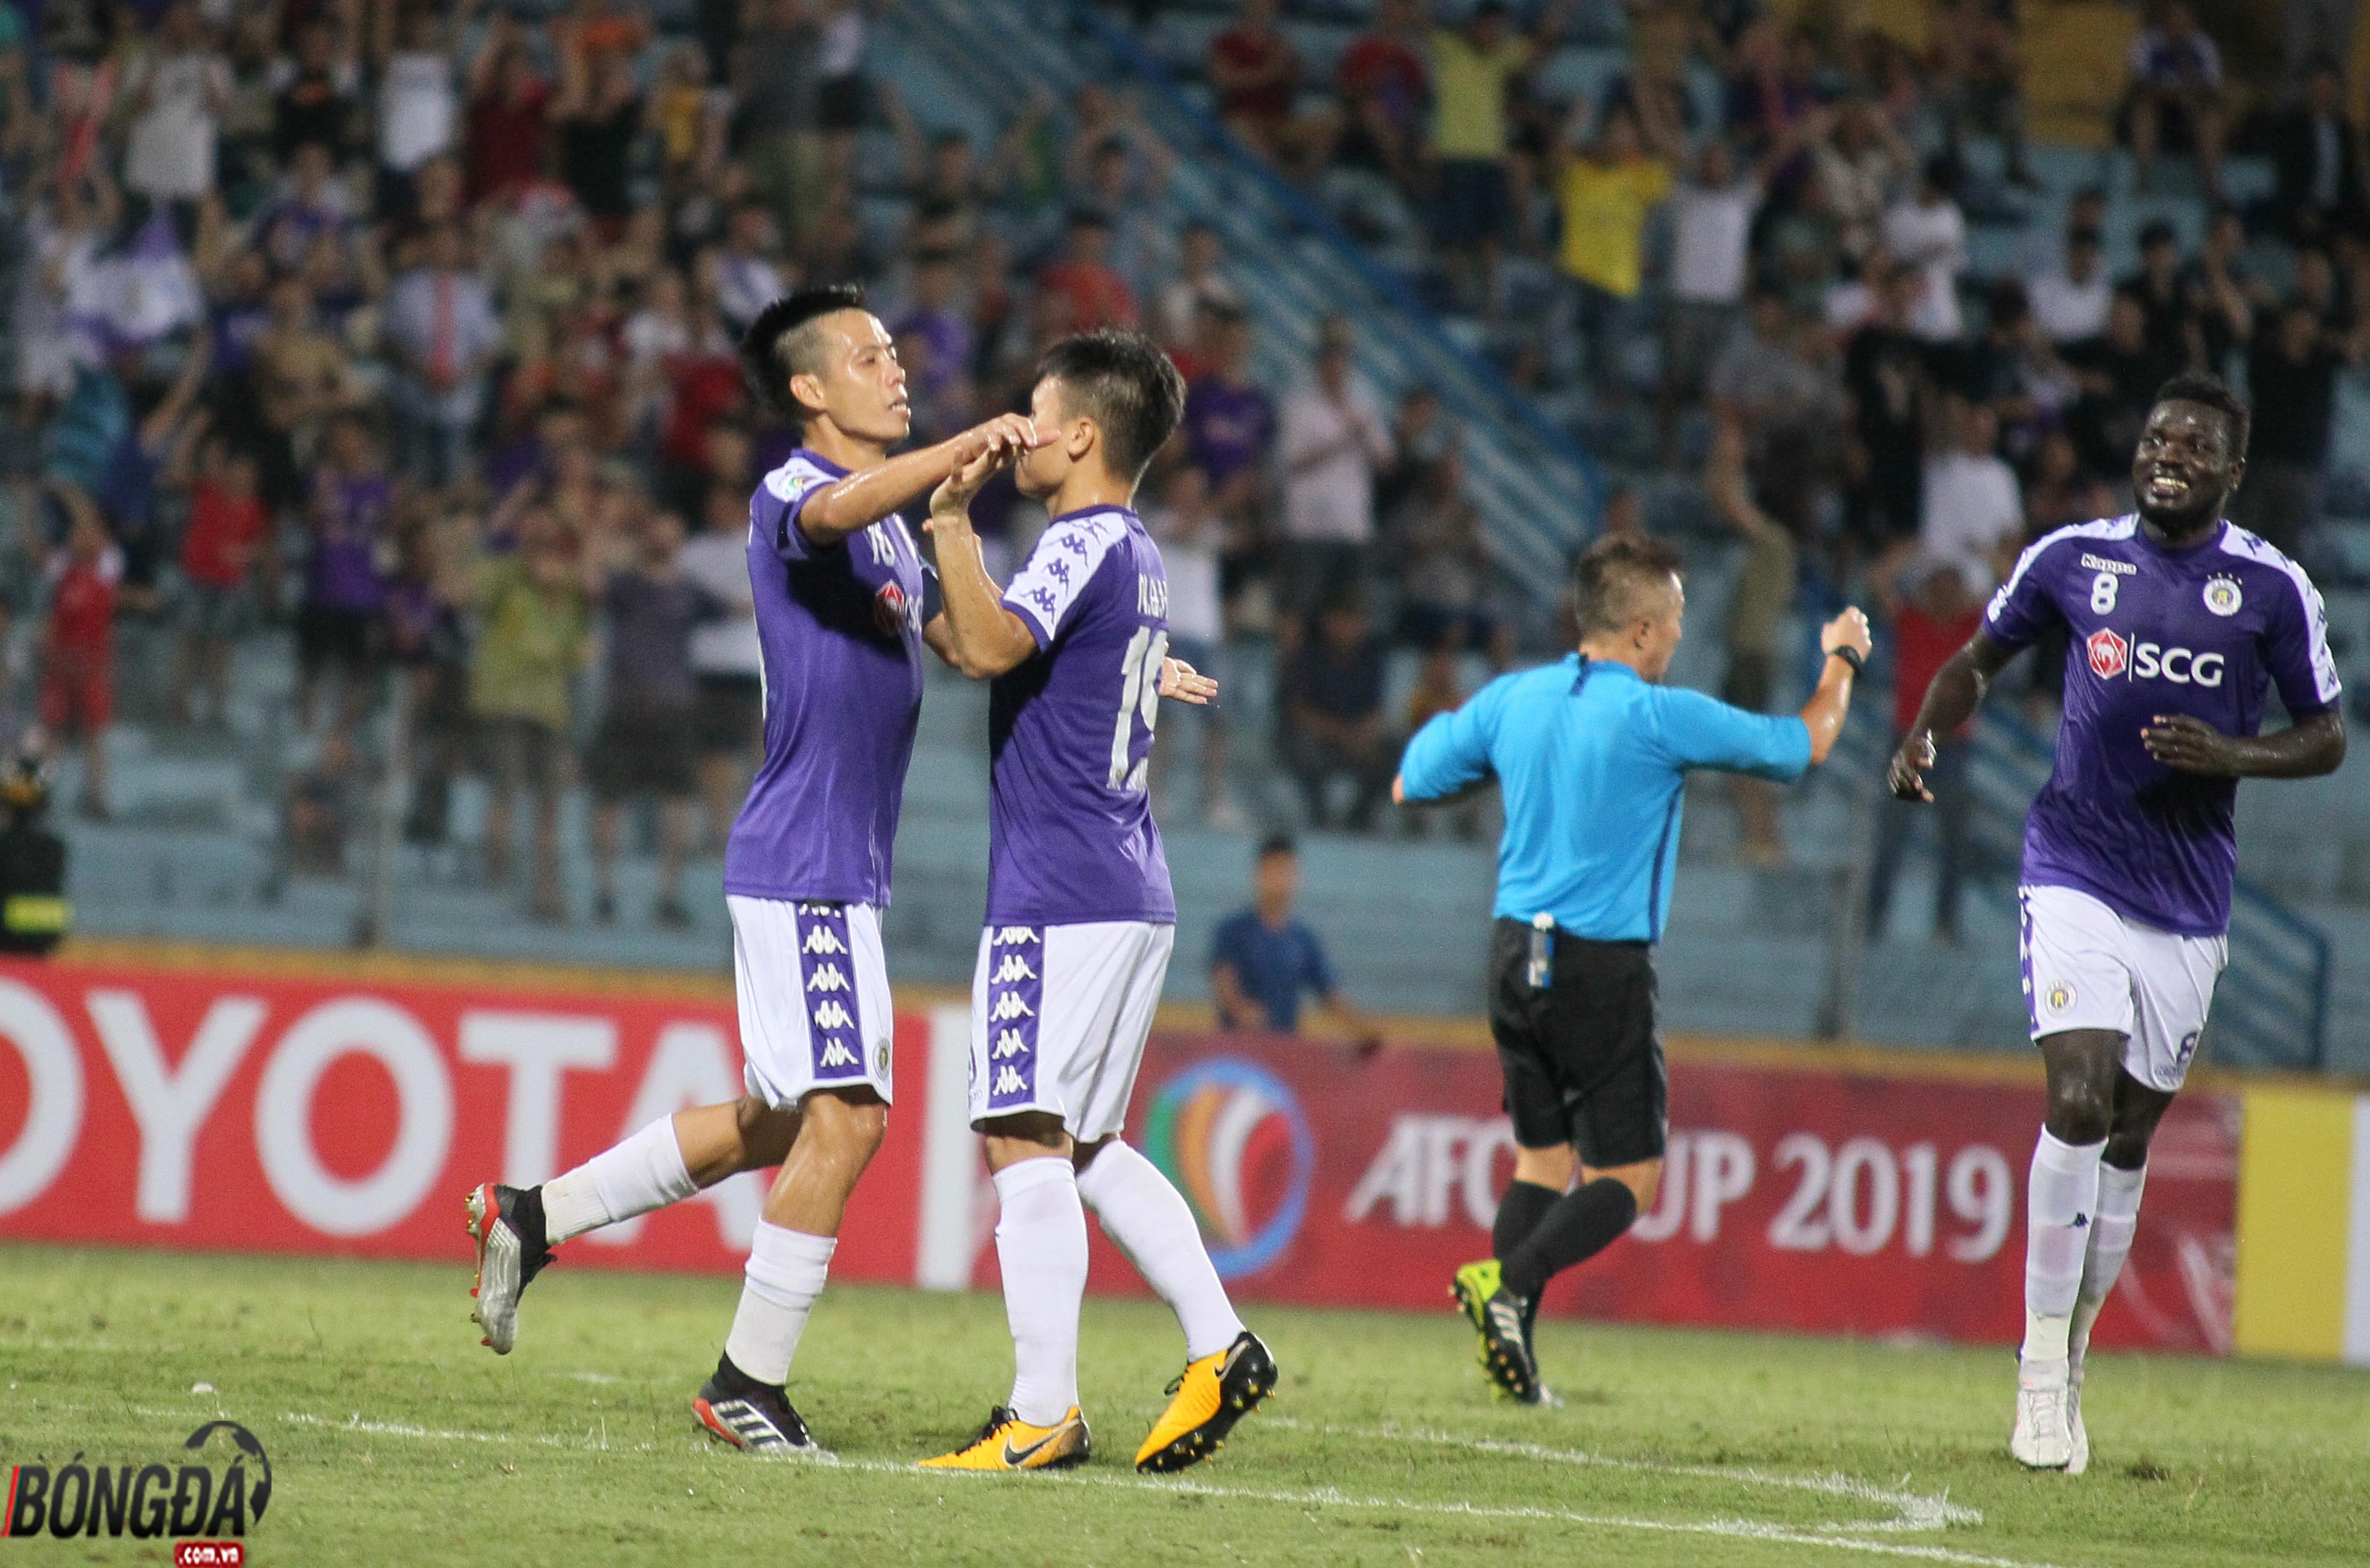 Đánh bại Ceres Nagros, Hà Nội FC vào chơi chung kết AFC Cup 2019 - Bóng Đá